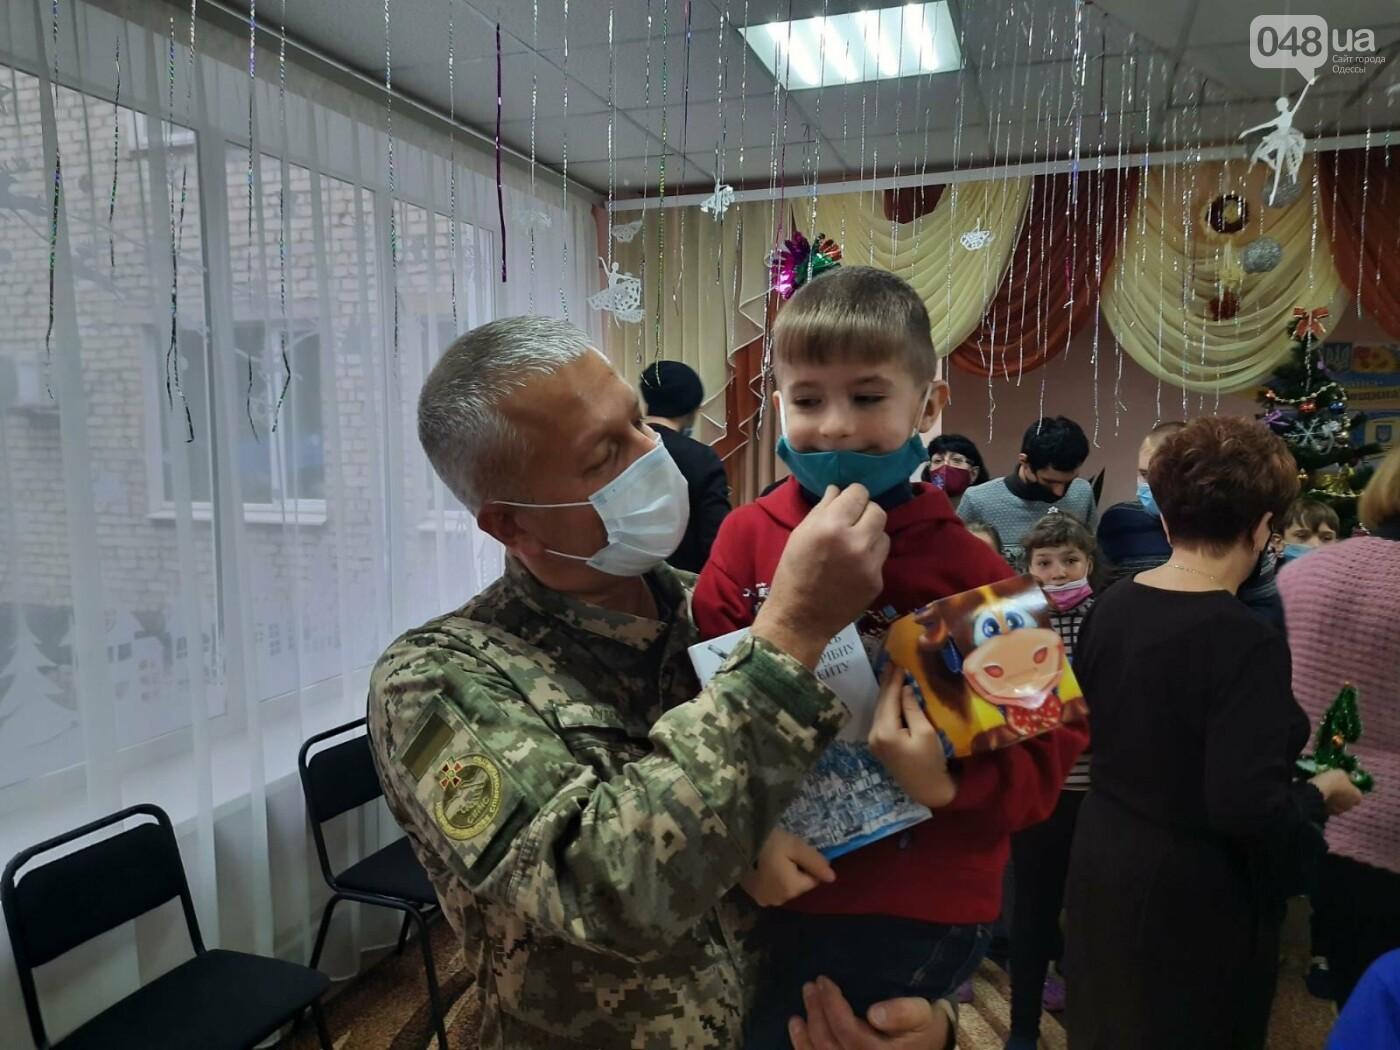 Праздничное чудо: «АТБ» помогает тысячам украинских семей удивить ребенка в день Святого Николая, фото-3